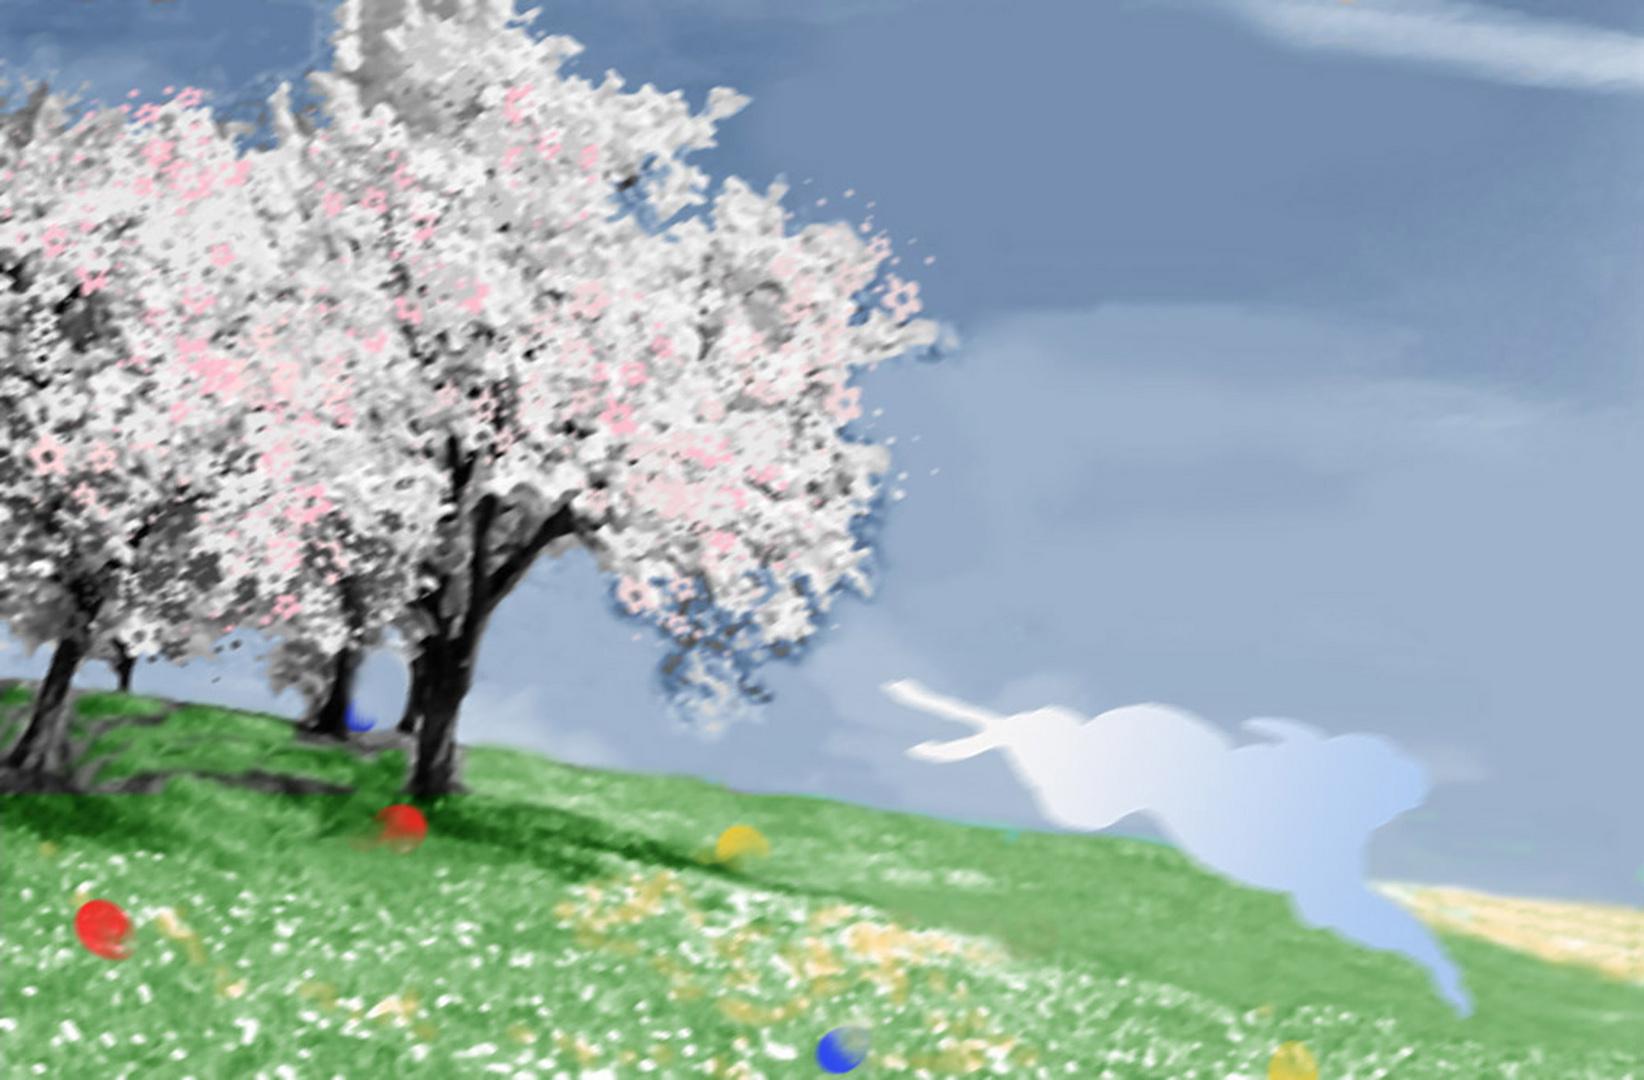 Nach getaner Arbeit - Frohe Ostergrüße